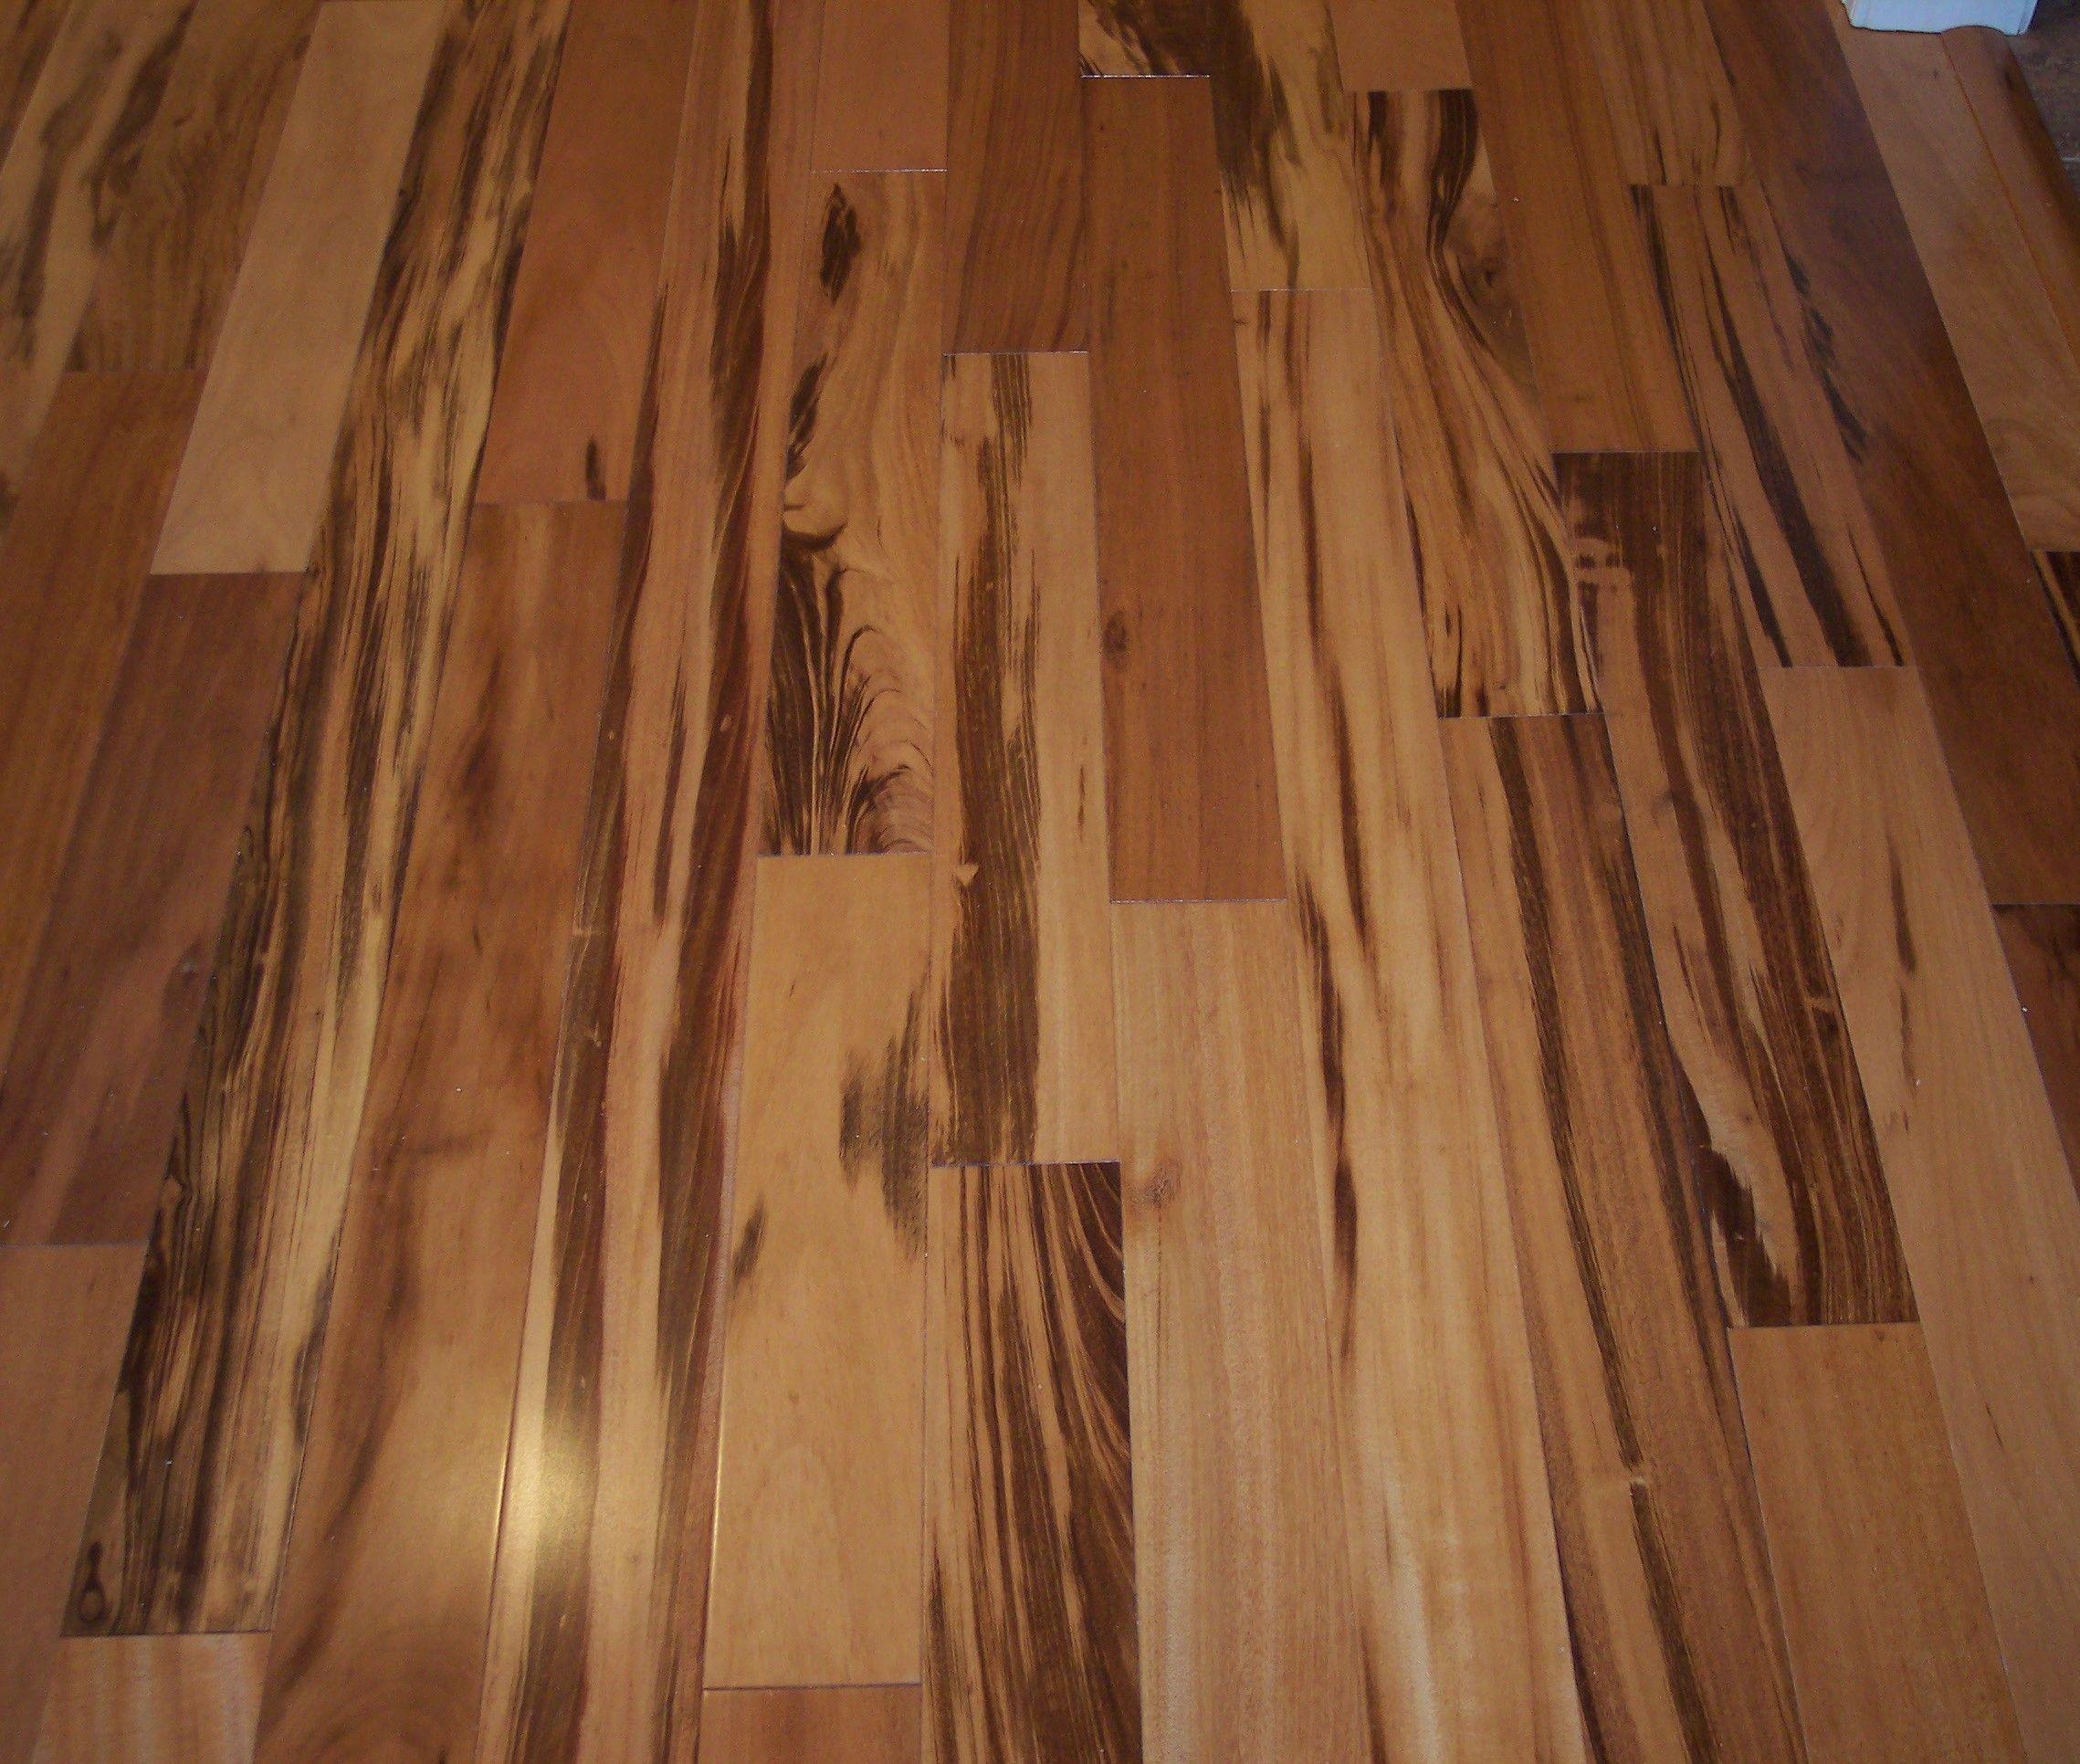 Dustless Hardwood Floors Tigerwood Flooring Hardwood Floors